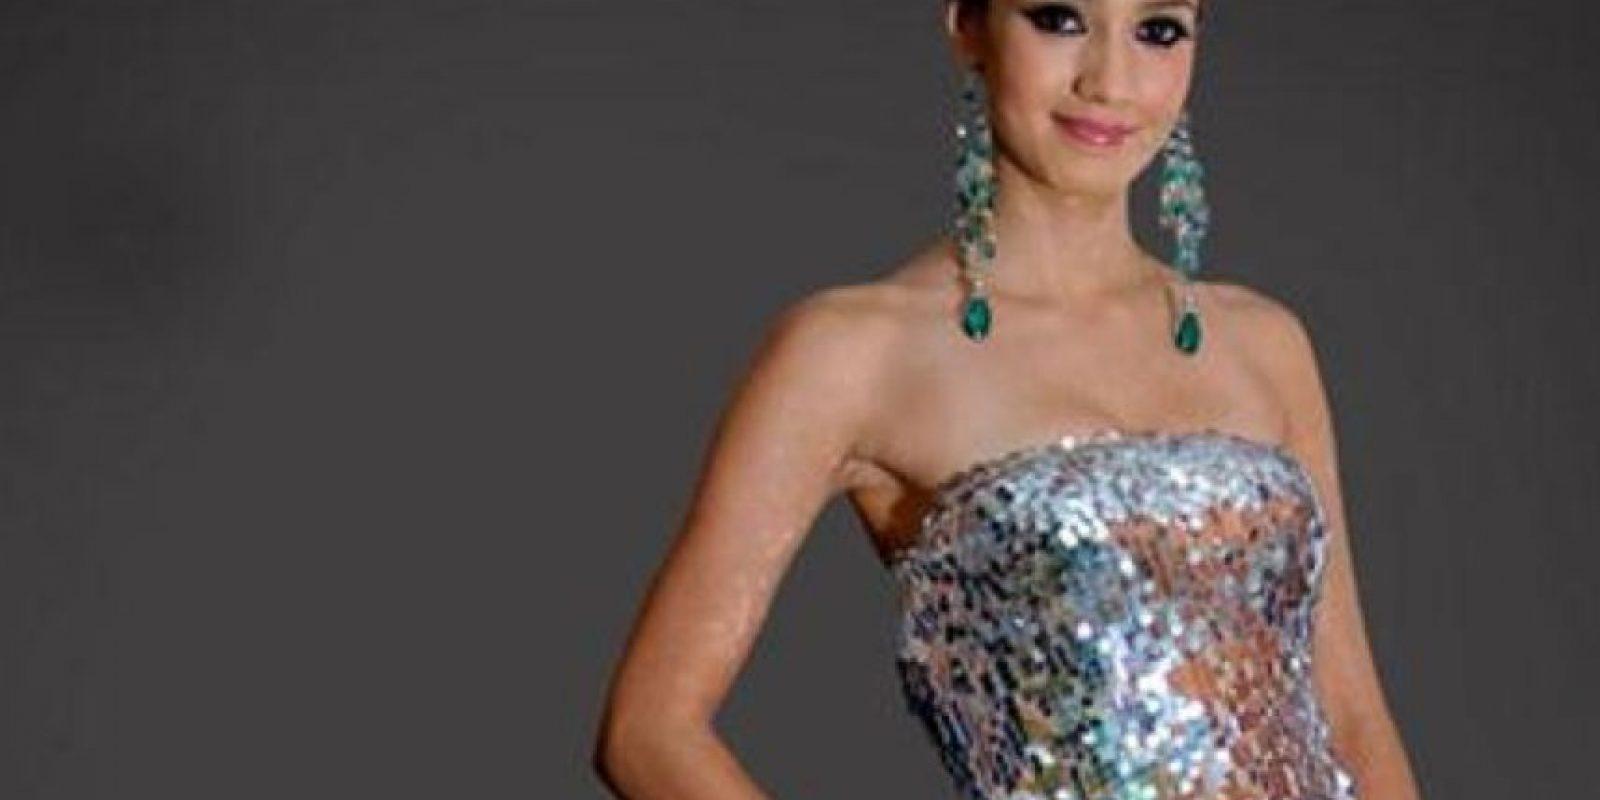 Se llamaba Maria Susana Flóres. Fue asesinada y hallada con una AK-47 en las manos. Foto:vía AP